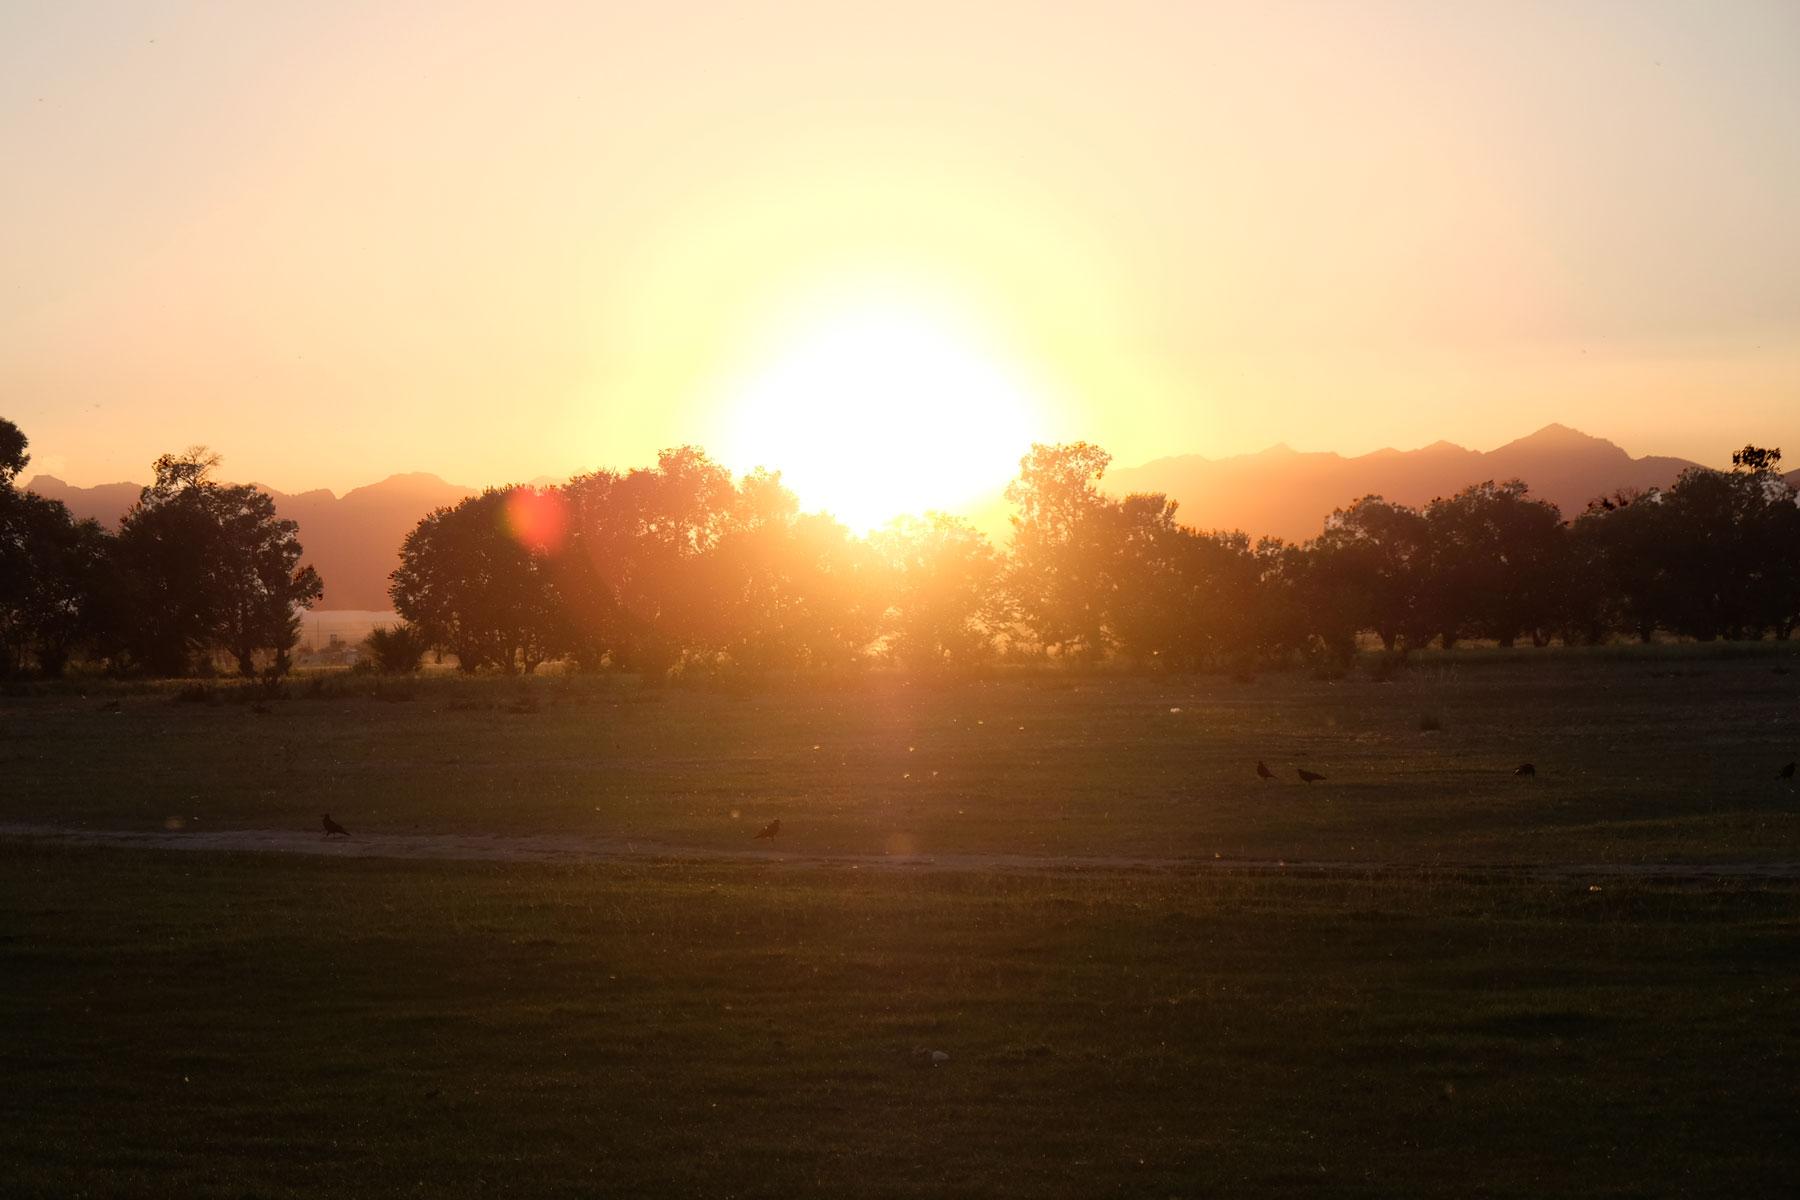 Sonnenuntergang über Bäumen.